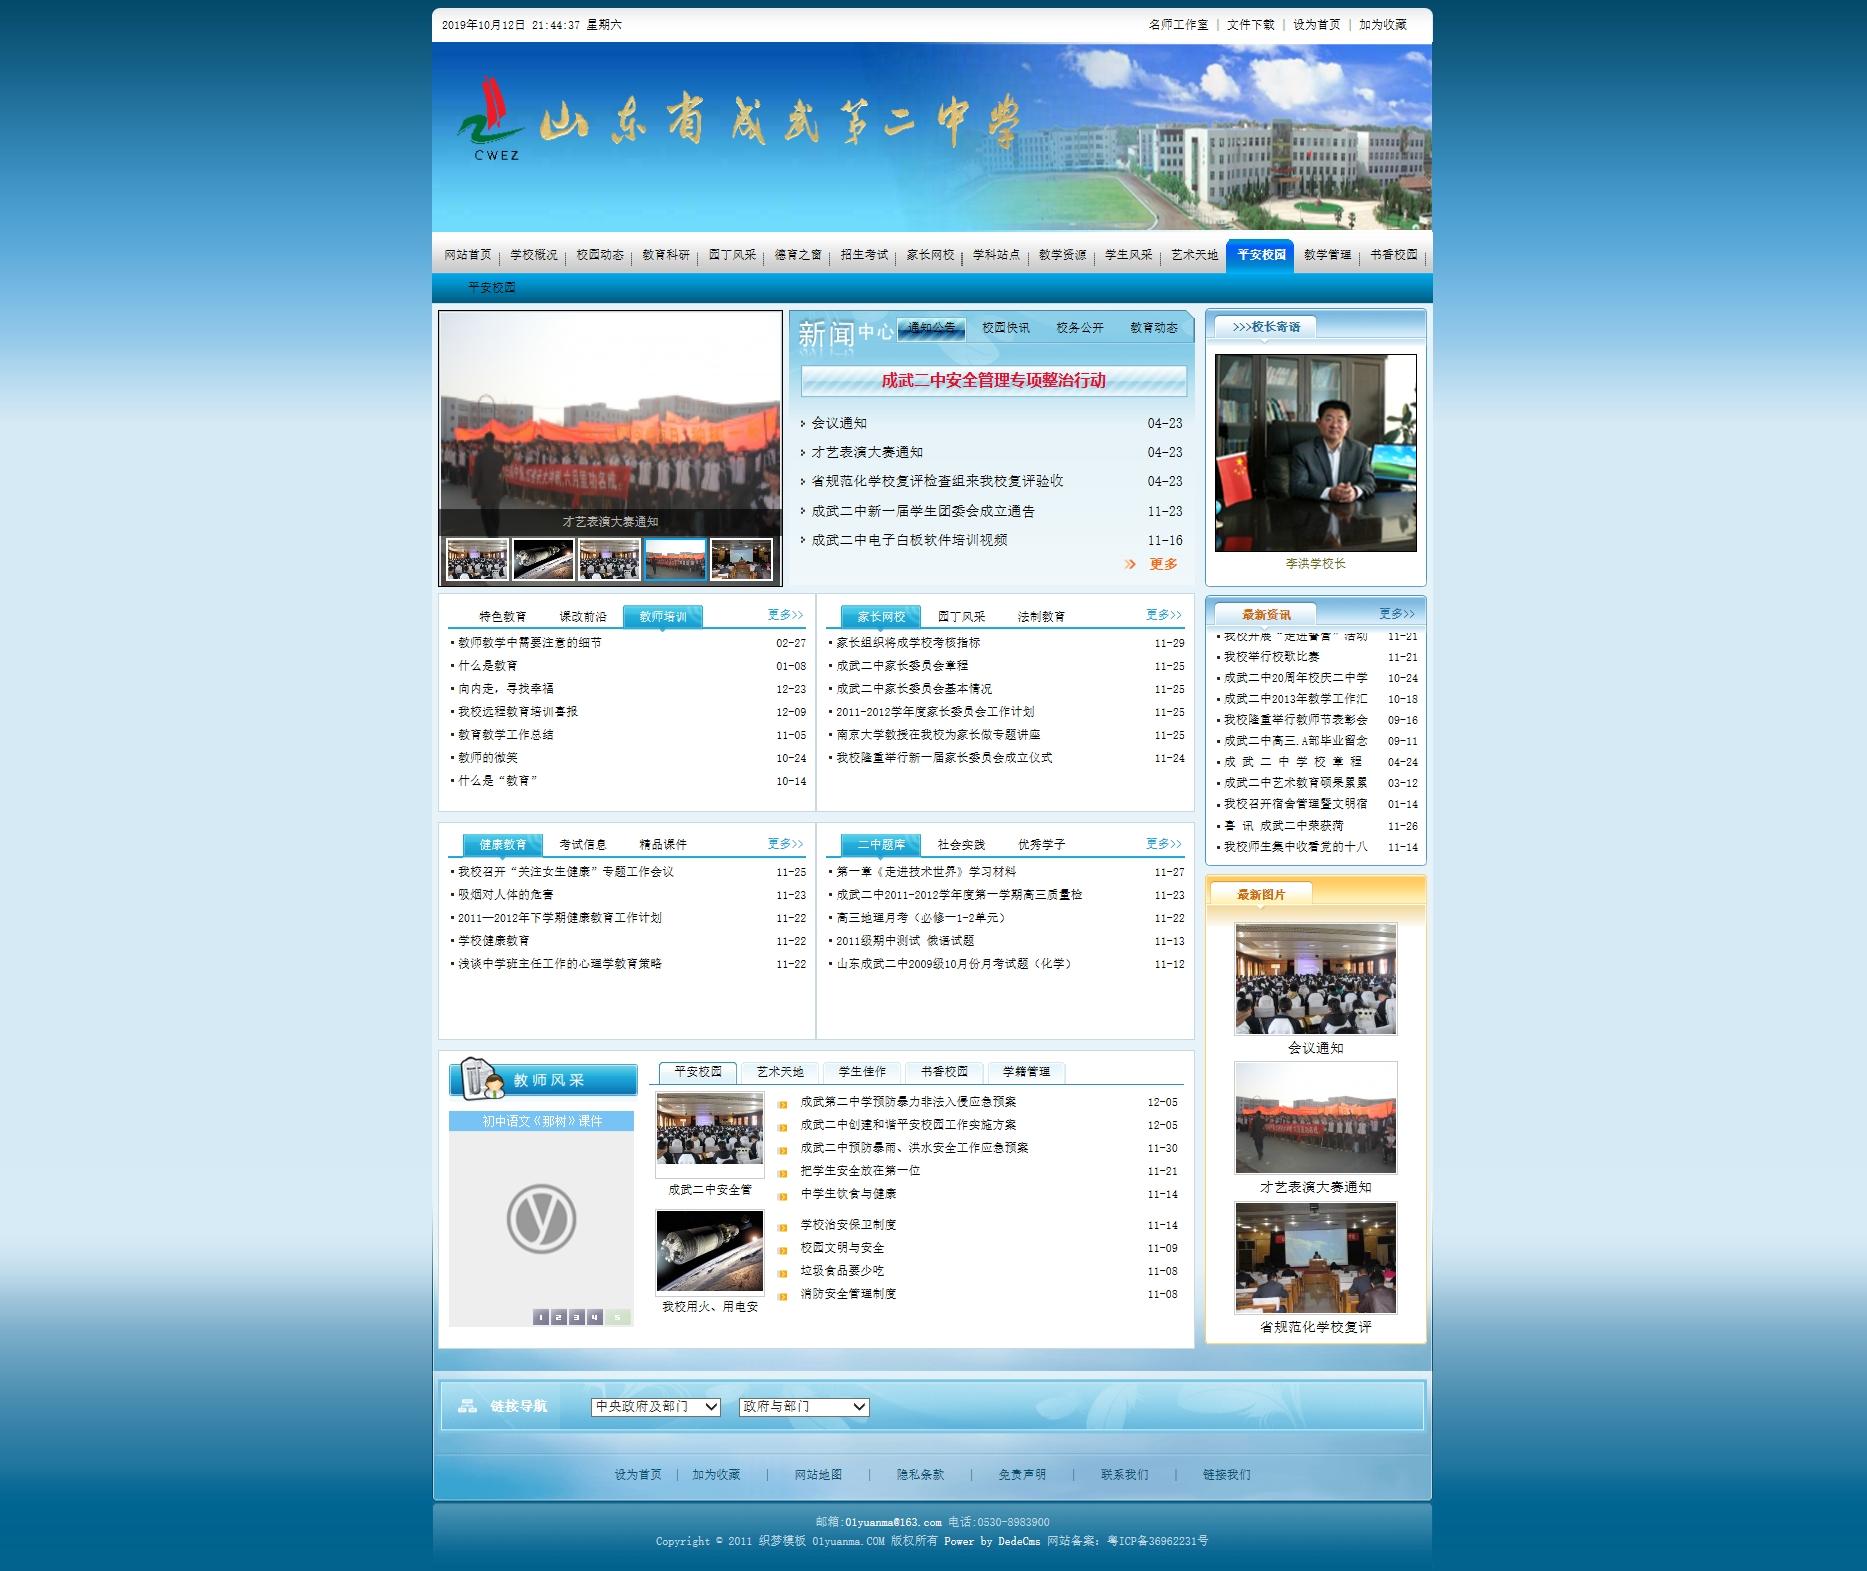 绿色中小学学校网站织梦dedecms模板